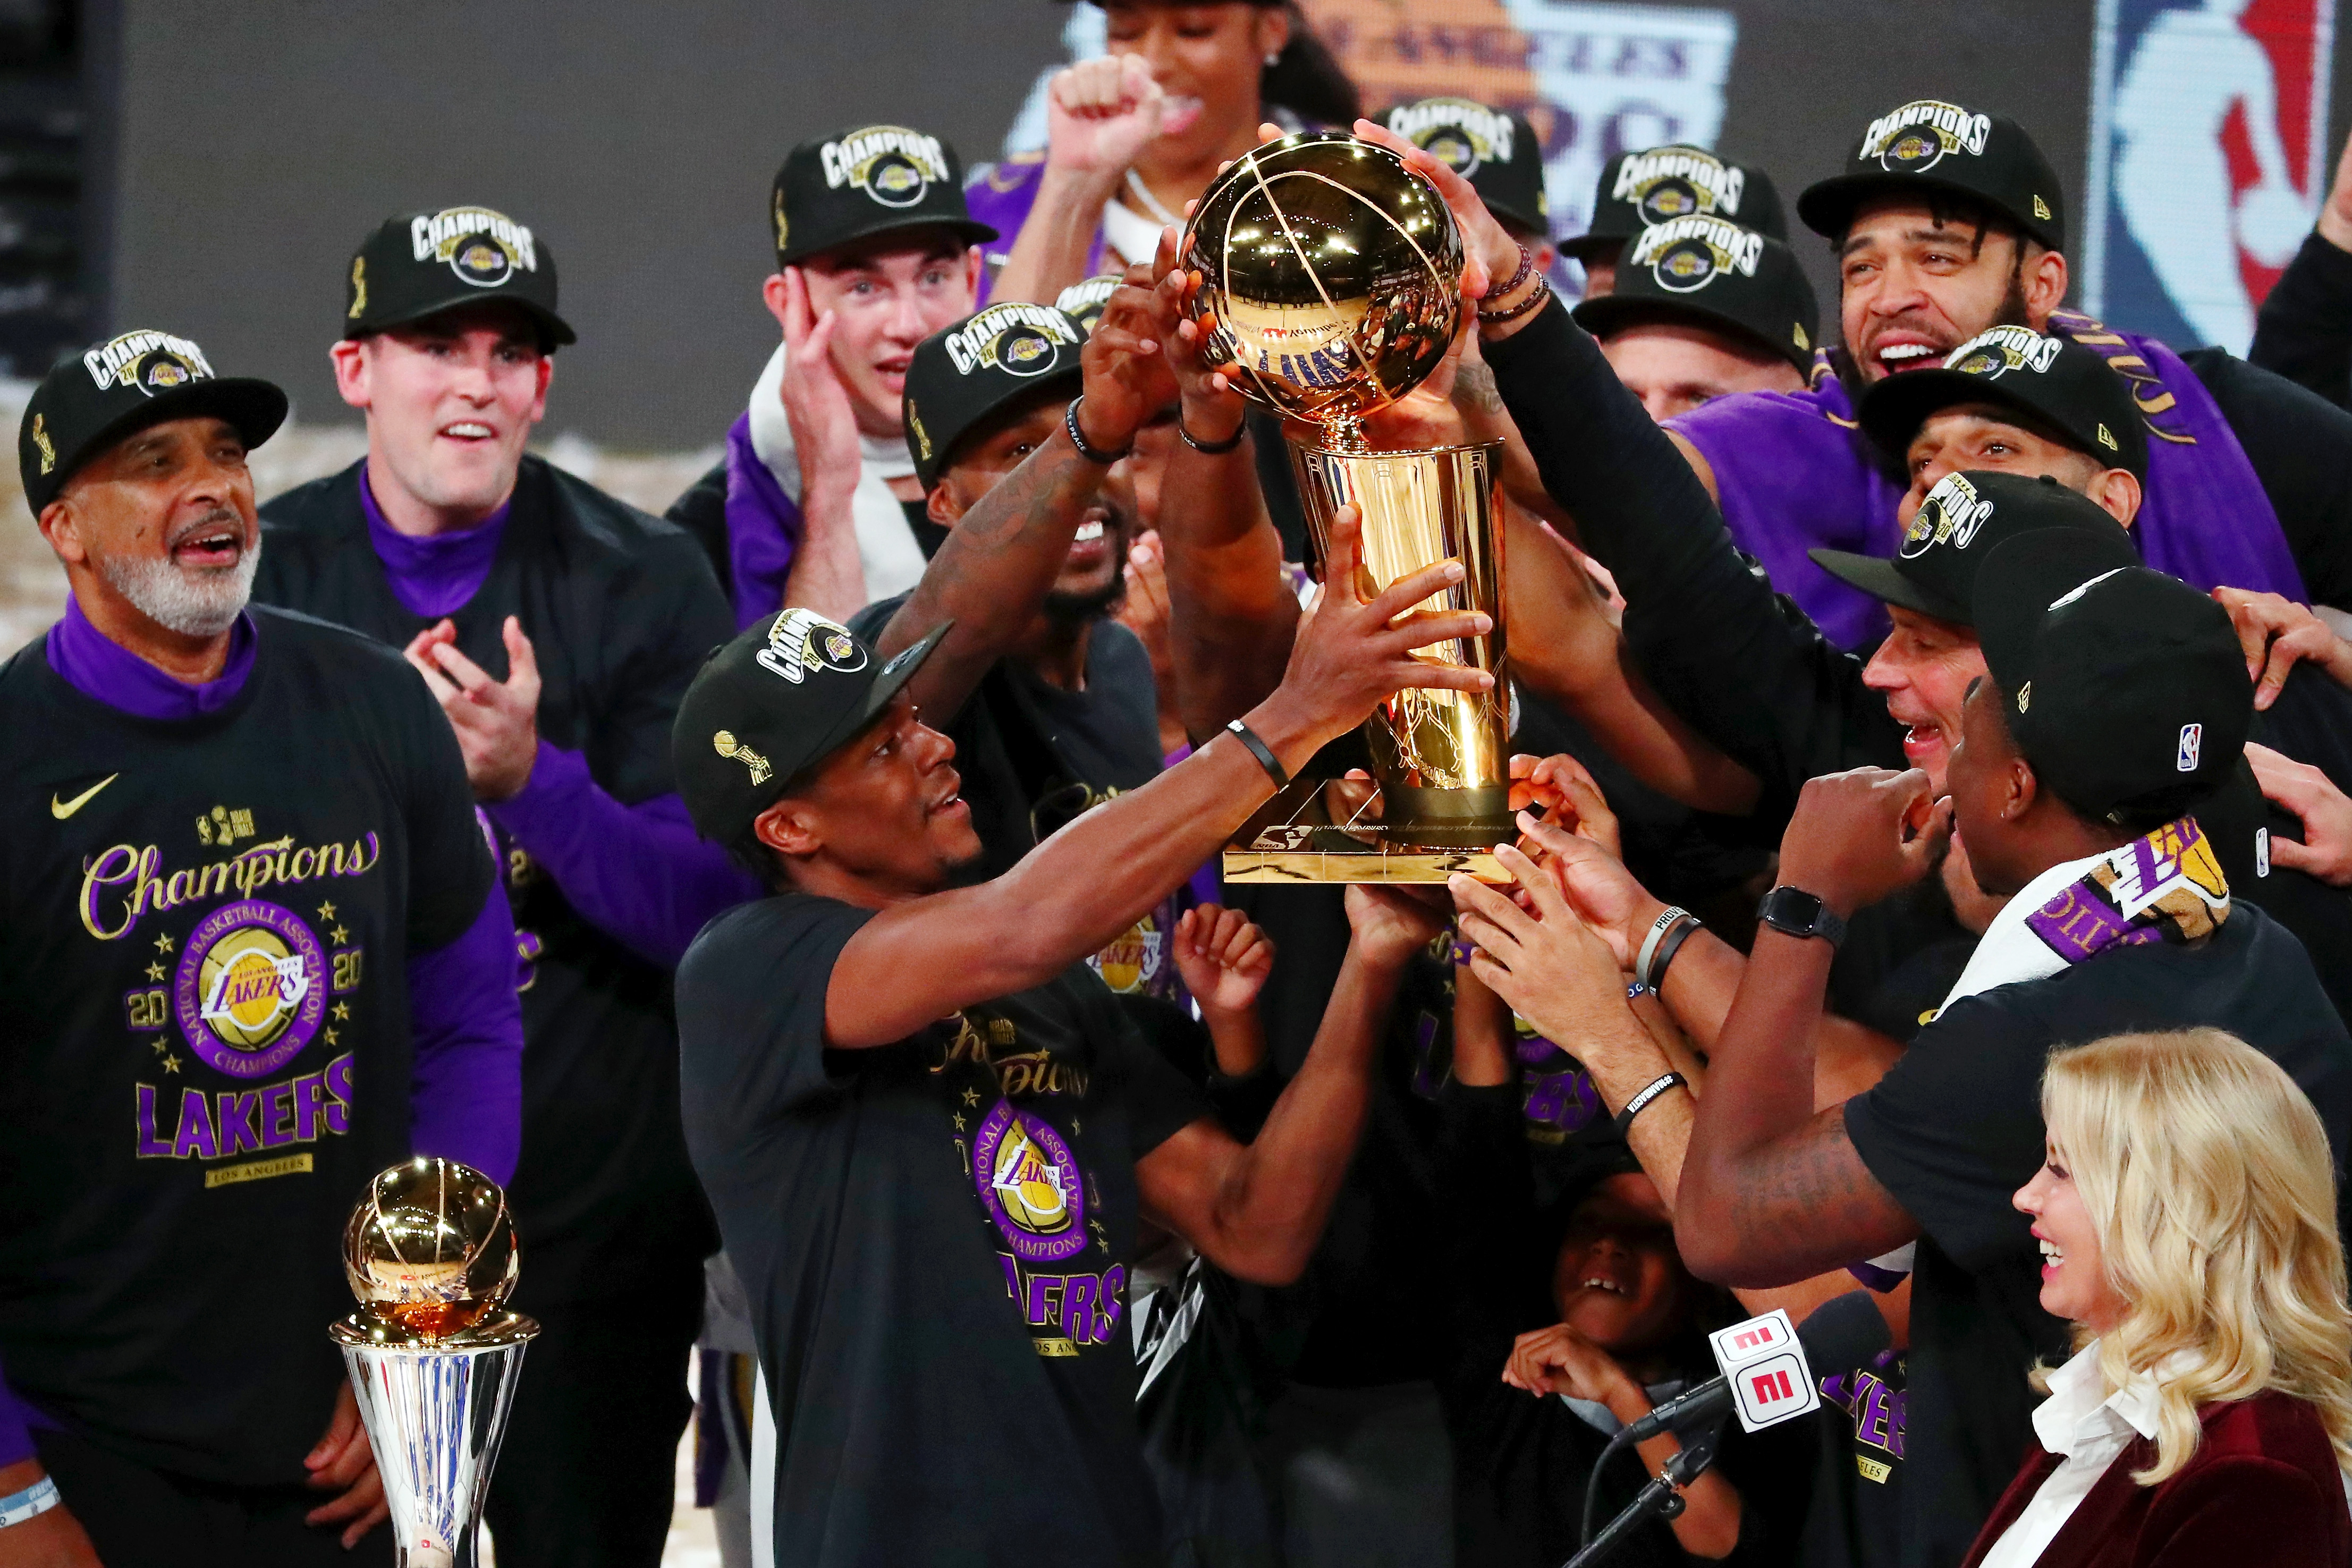 北京時間12日上午,2019-2020賽季NBA總決賽落下帷幕,洛杉磯湖人經過6場鏖戰,4比2擊敗邁阿密熱火加冕總冠軍。